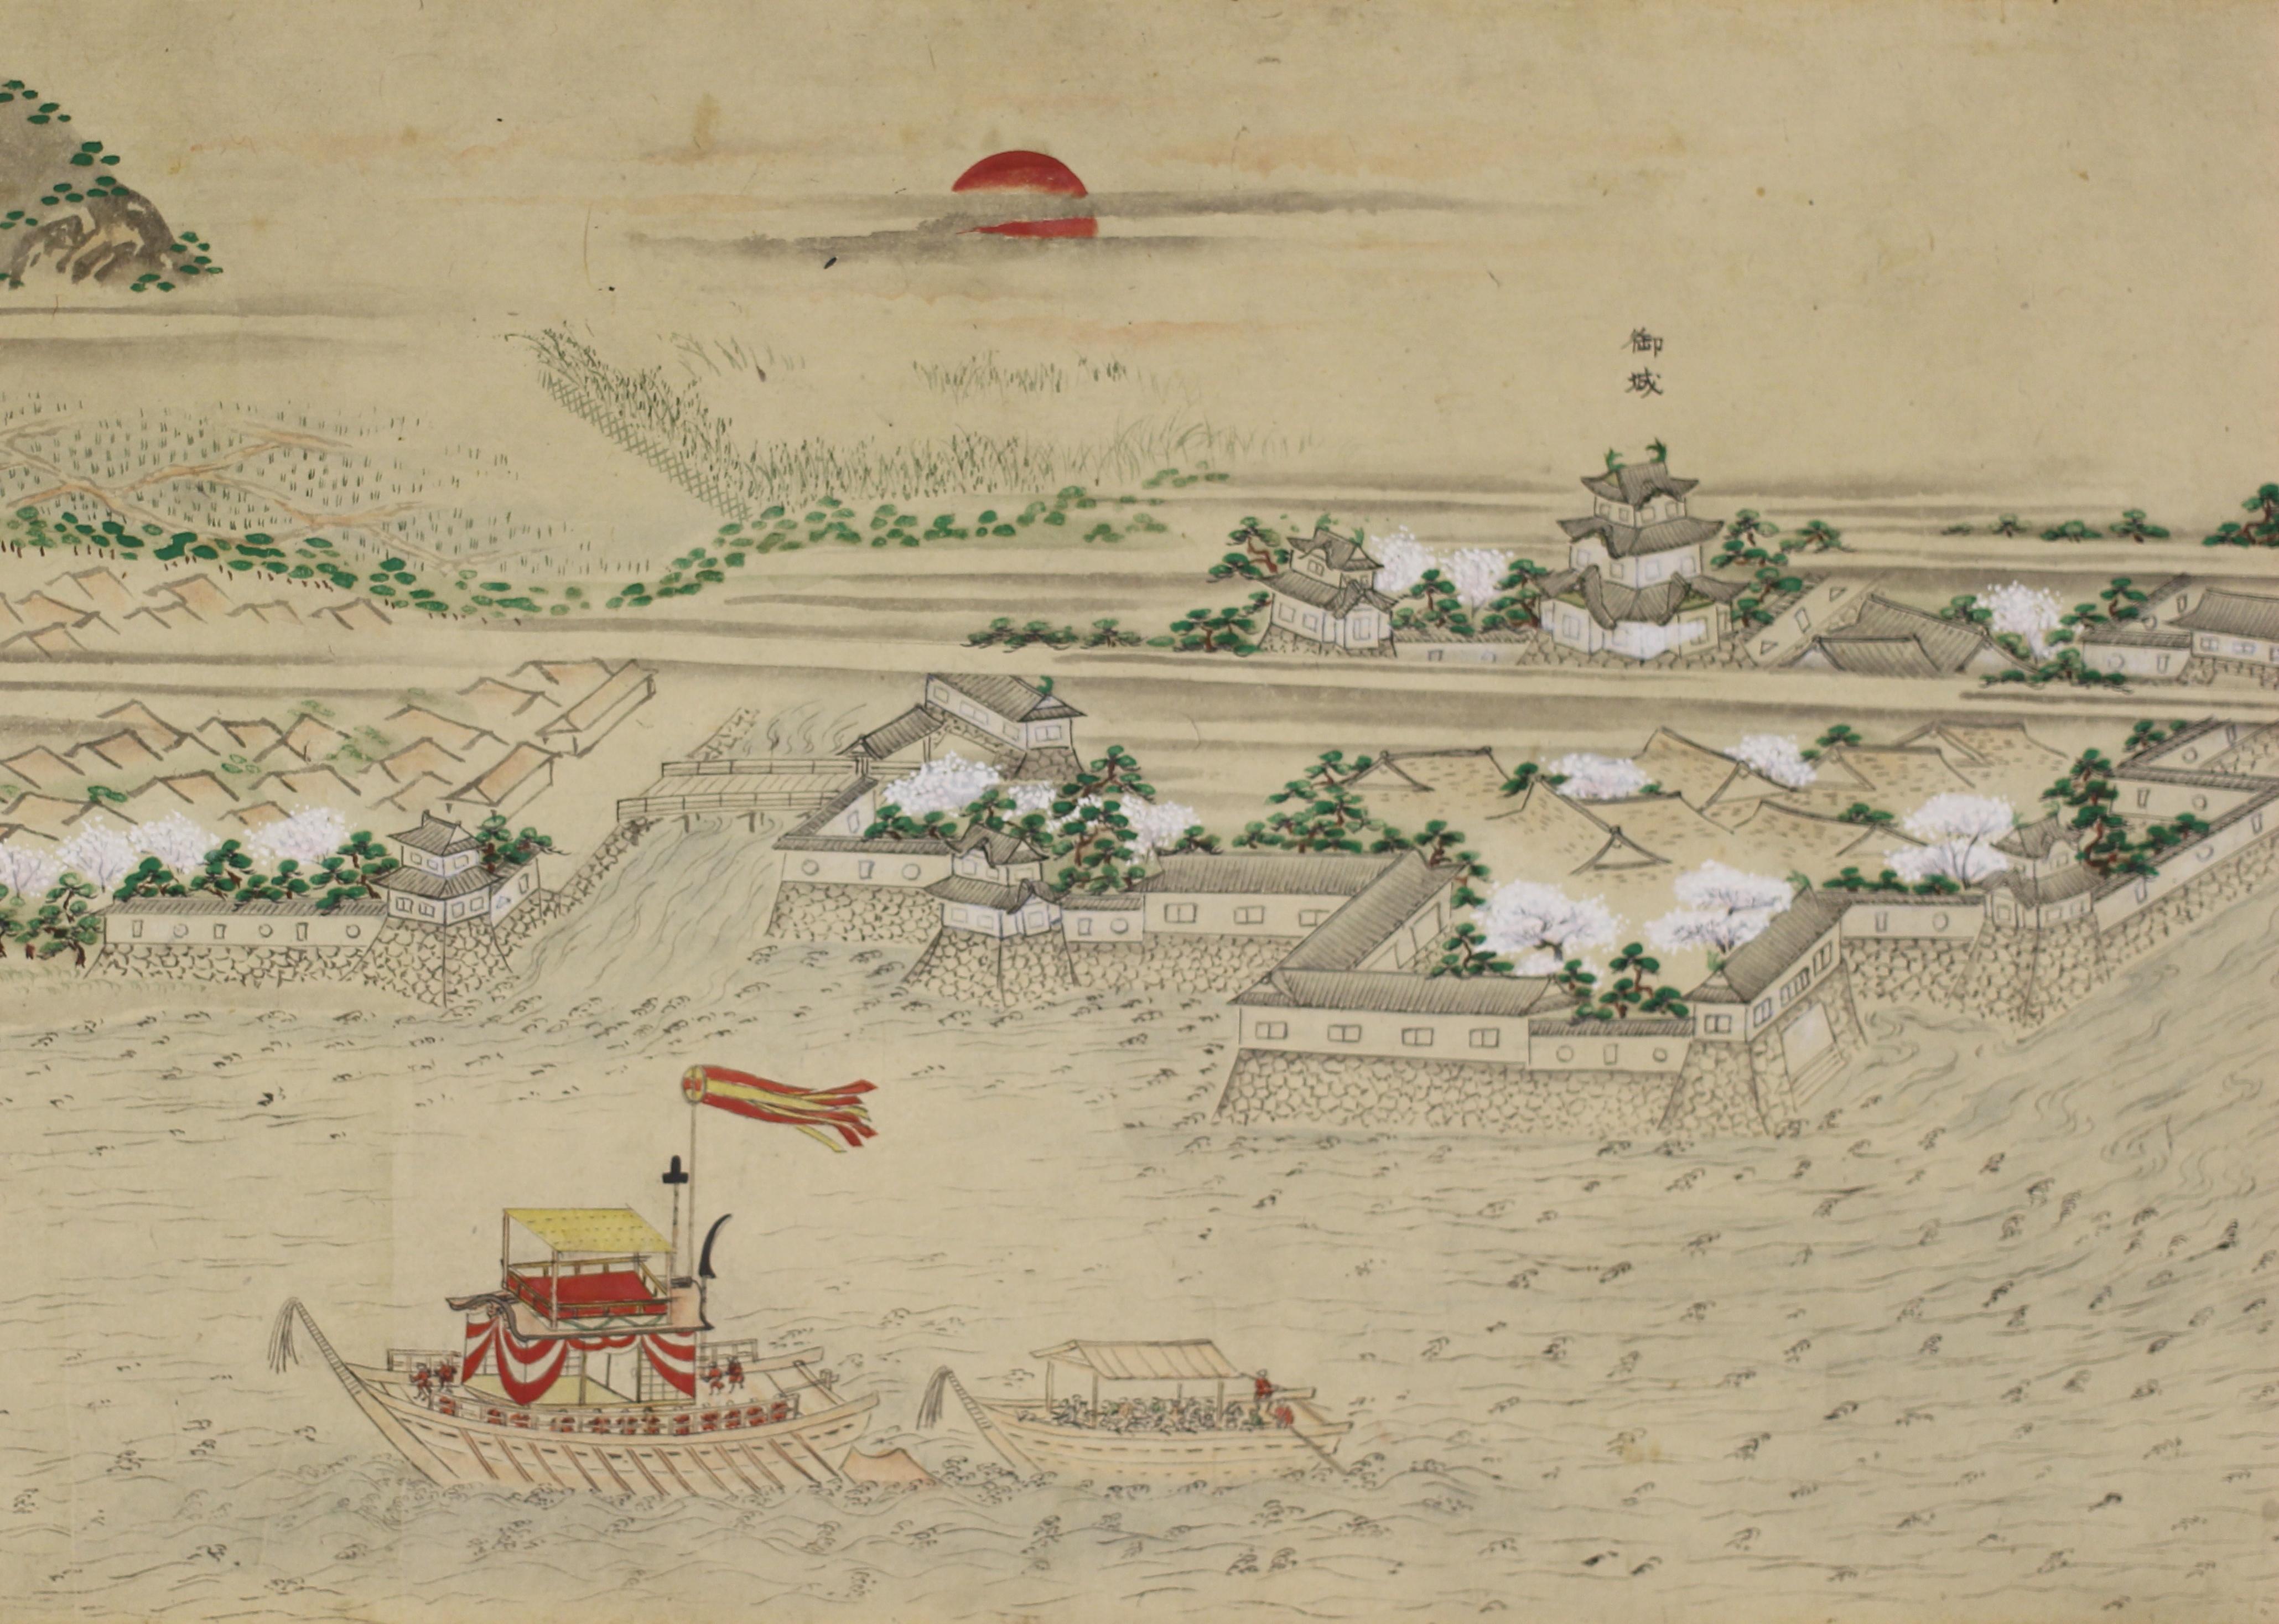 小浜城下蘇洞門景観図(小浜城部分)